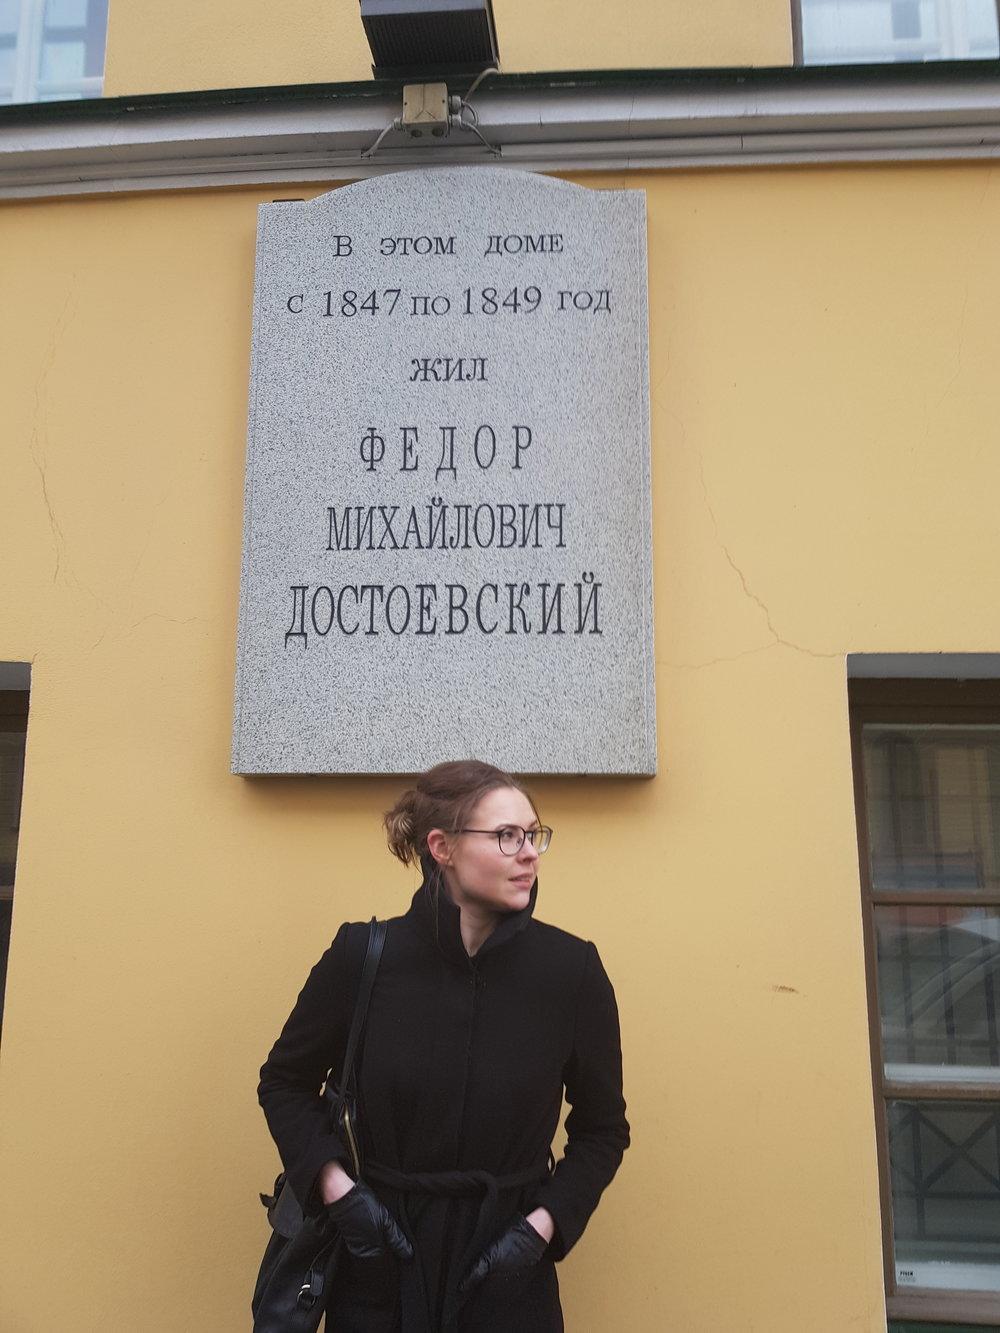 """Dostojevski kirjoitti hulluja liuskamääriä pakon, eli velkojien edessä. Tosin hänellä taisi olla sihteereitä, jotka kirjoittivat ja hän vain """"saneli"""". Kun itsekin päästelisi suustaan sellaista, joka soveltuisi heti kansien väliin..."""